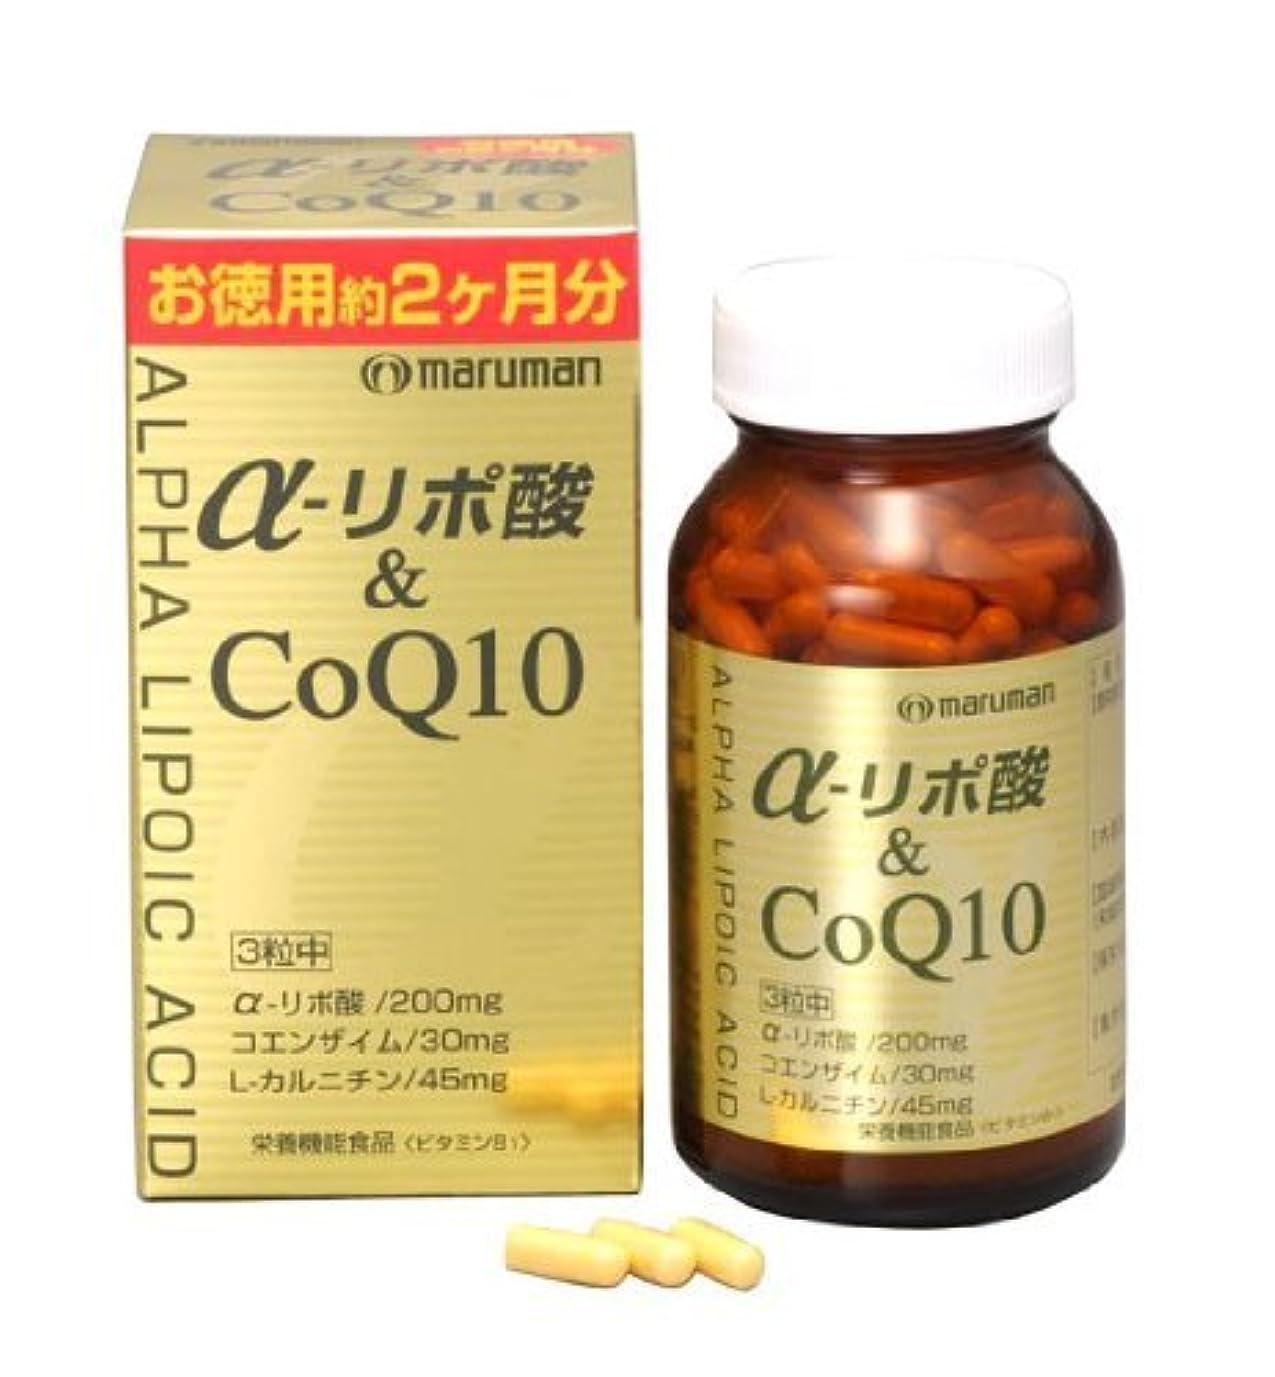 空虚競争力のある帰るαリポ酸&COQ10 徳用2ヶ月分 話題の成分配合